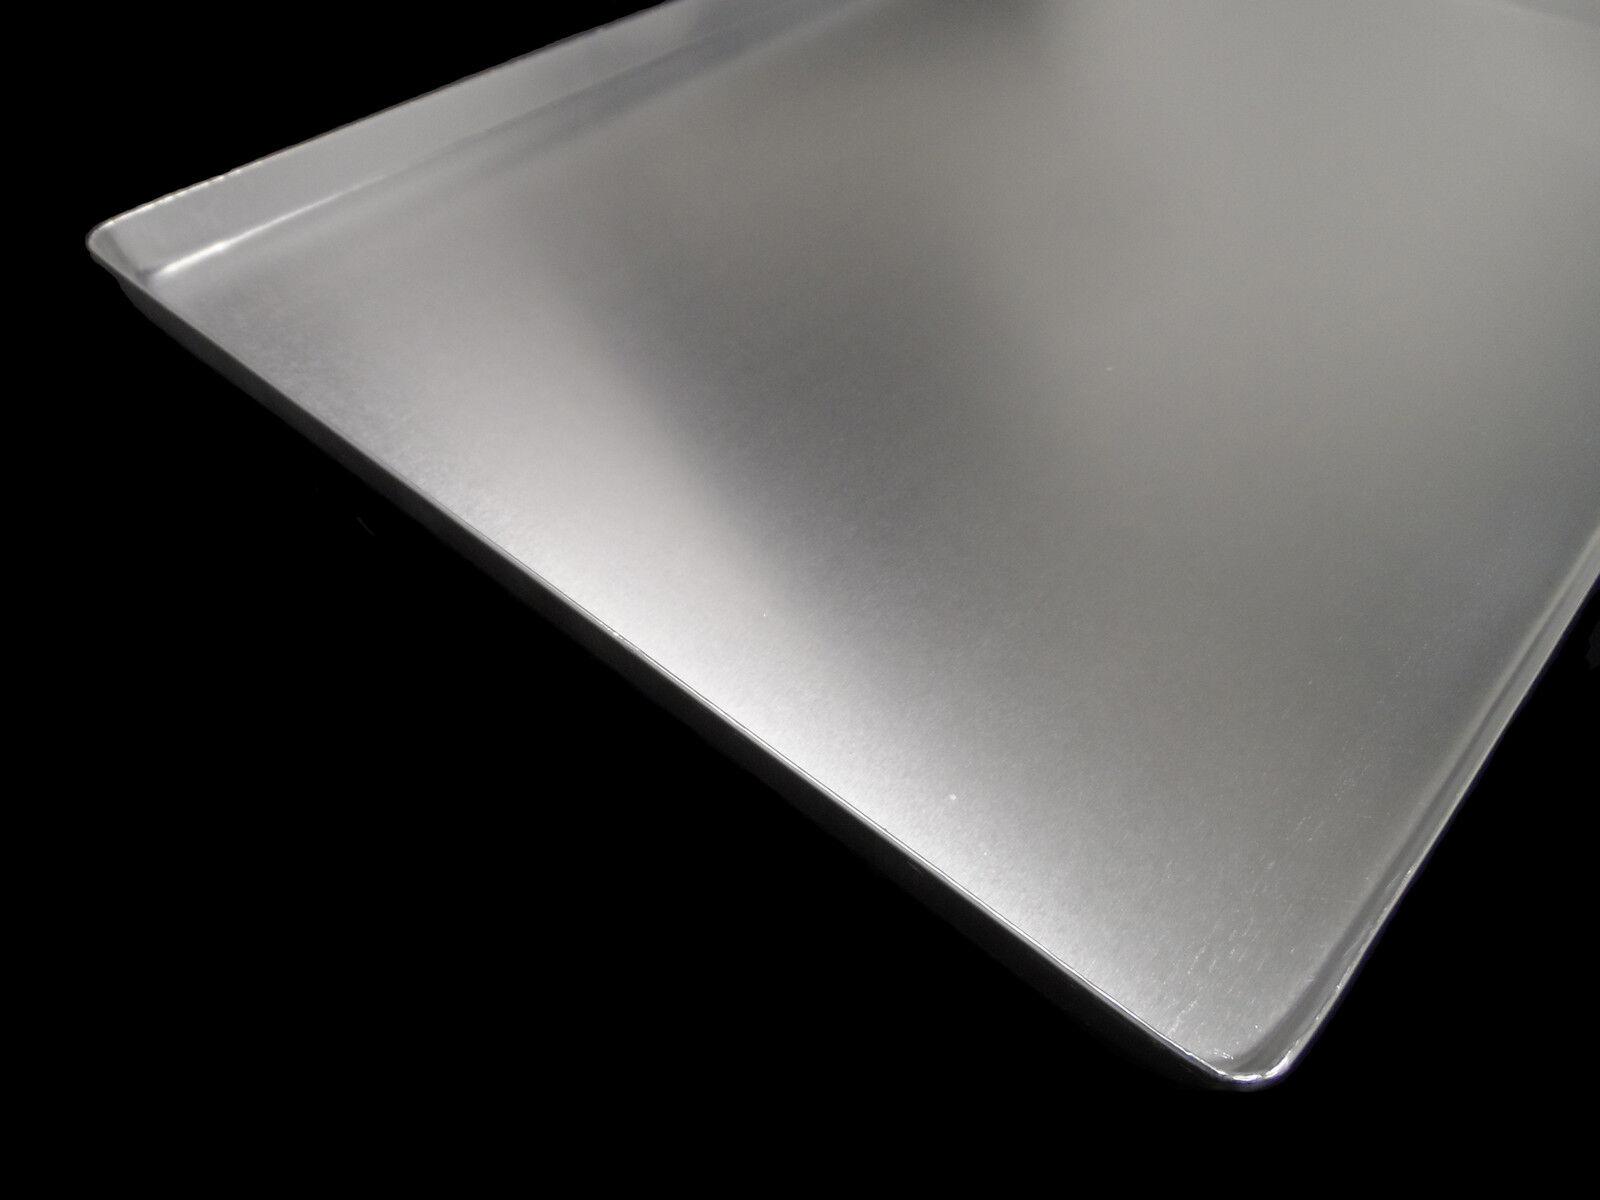 10 x Placa de Contador 60x40x1cm aluminio NUEVO Exhibición Plancha corte